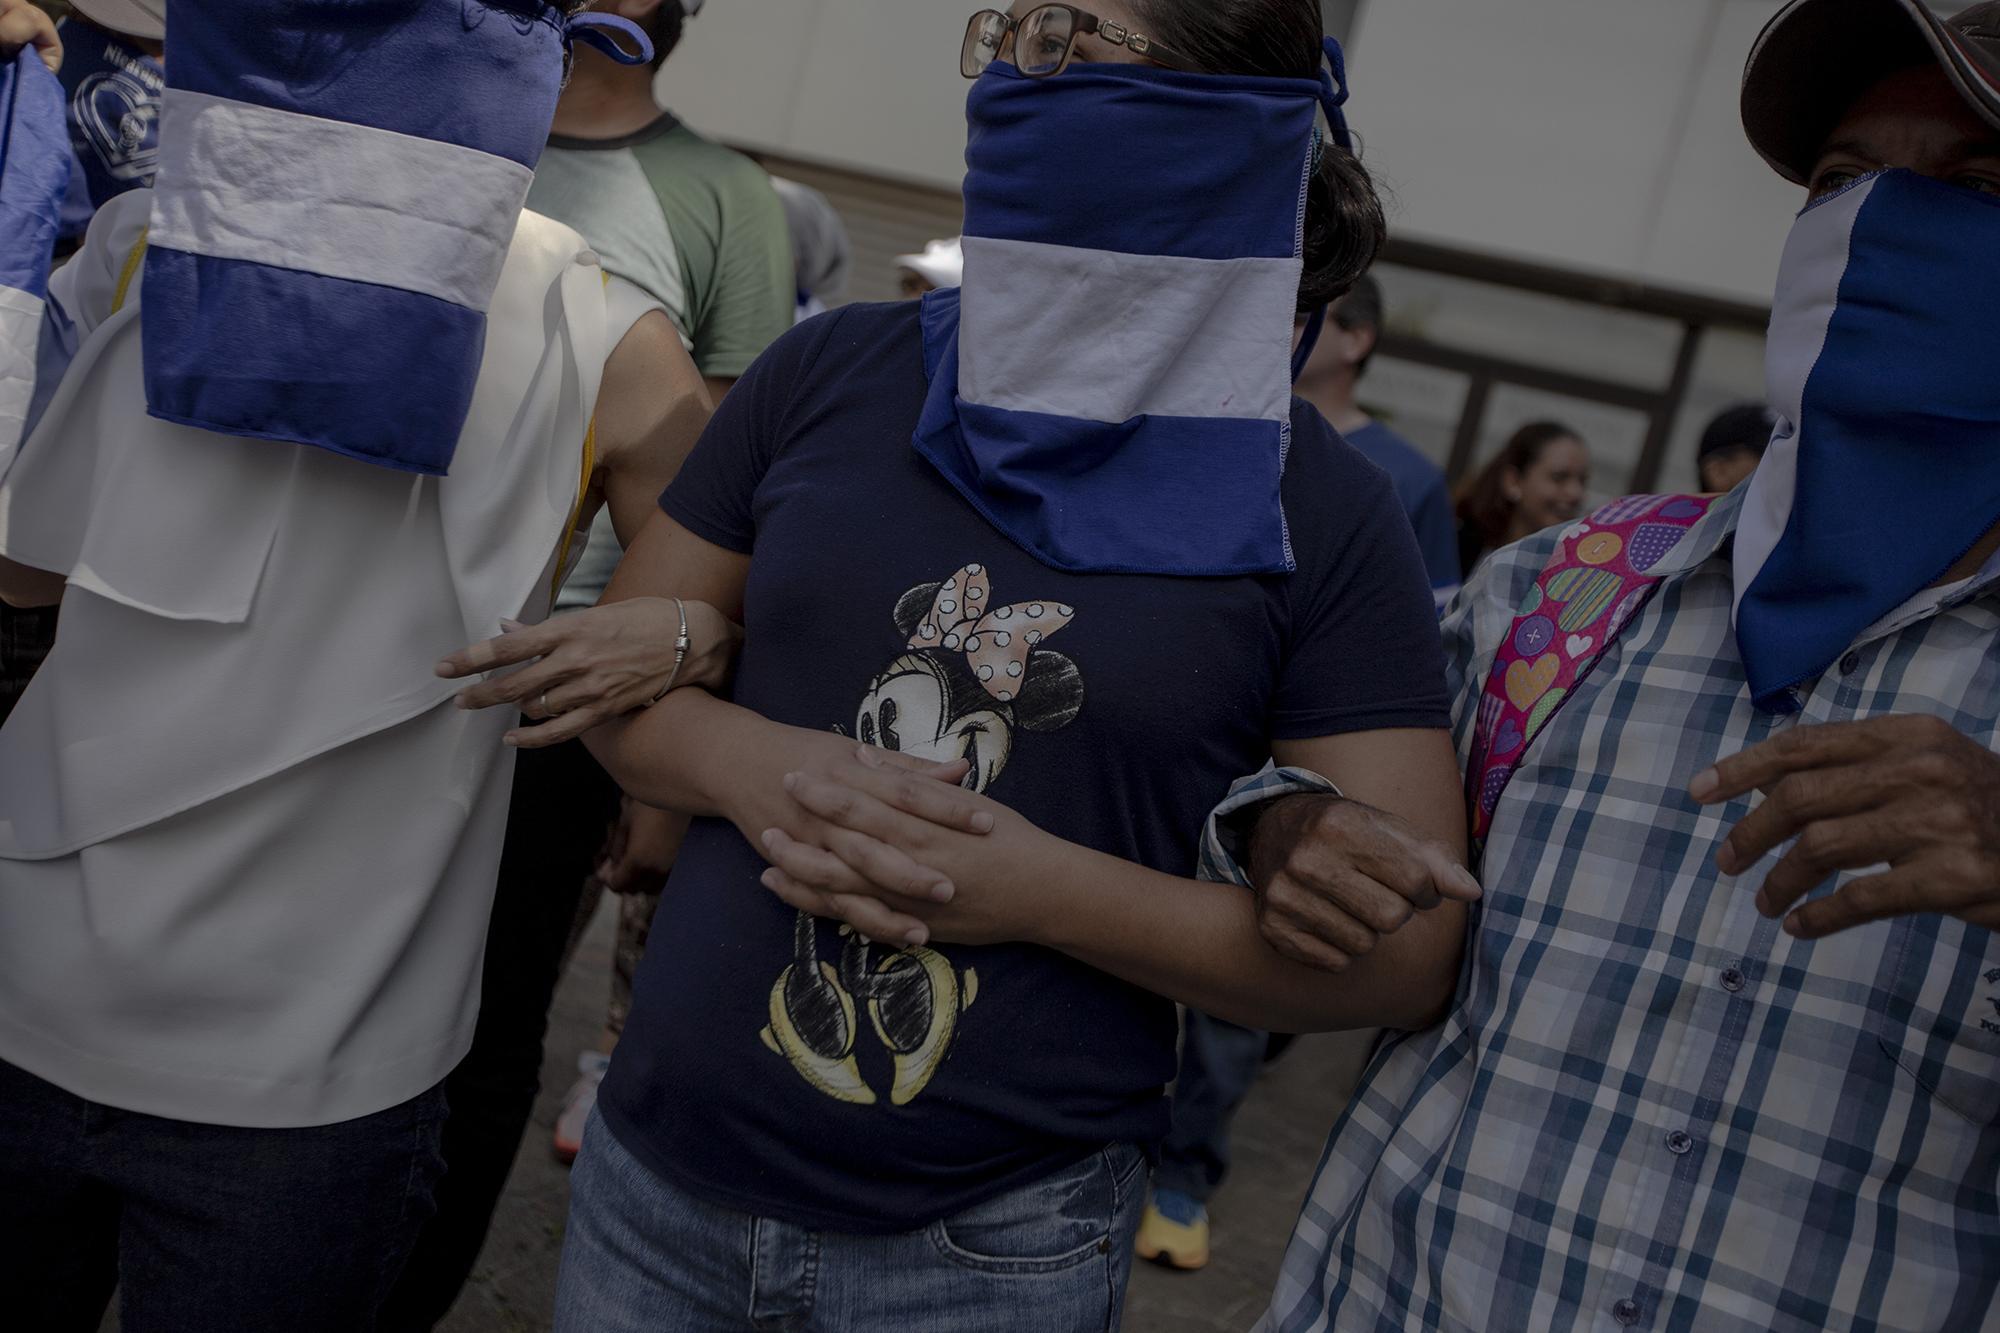 Al mismo tiempo que se realizaba el plantón en el parqueo del centro comercial San Francisco, otros más ocurrieron en diferentes puntos de Managua. La policía arrestó a 68 manifestantes, entre ellos el periodista Abixael Mogollón, del periódico digital Articulo 66, quien fue liberado horas después.